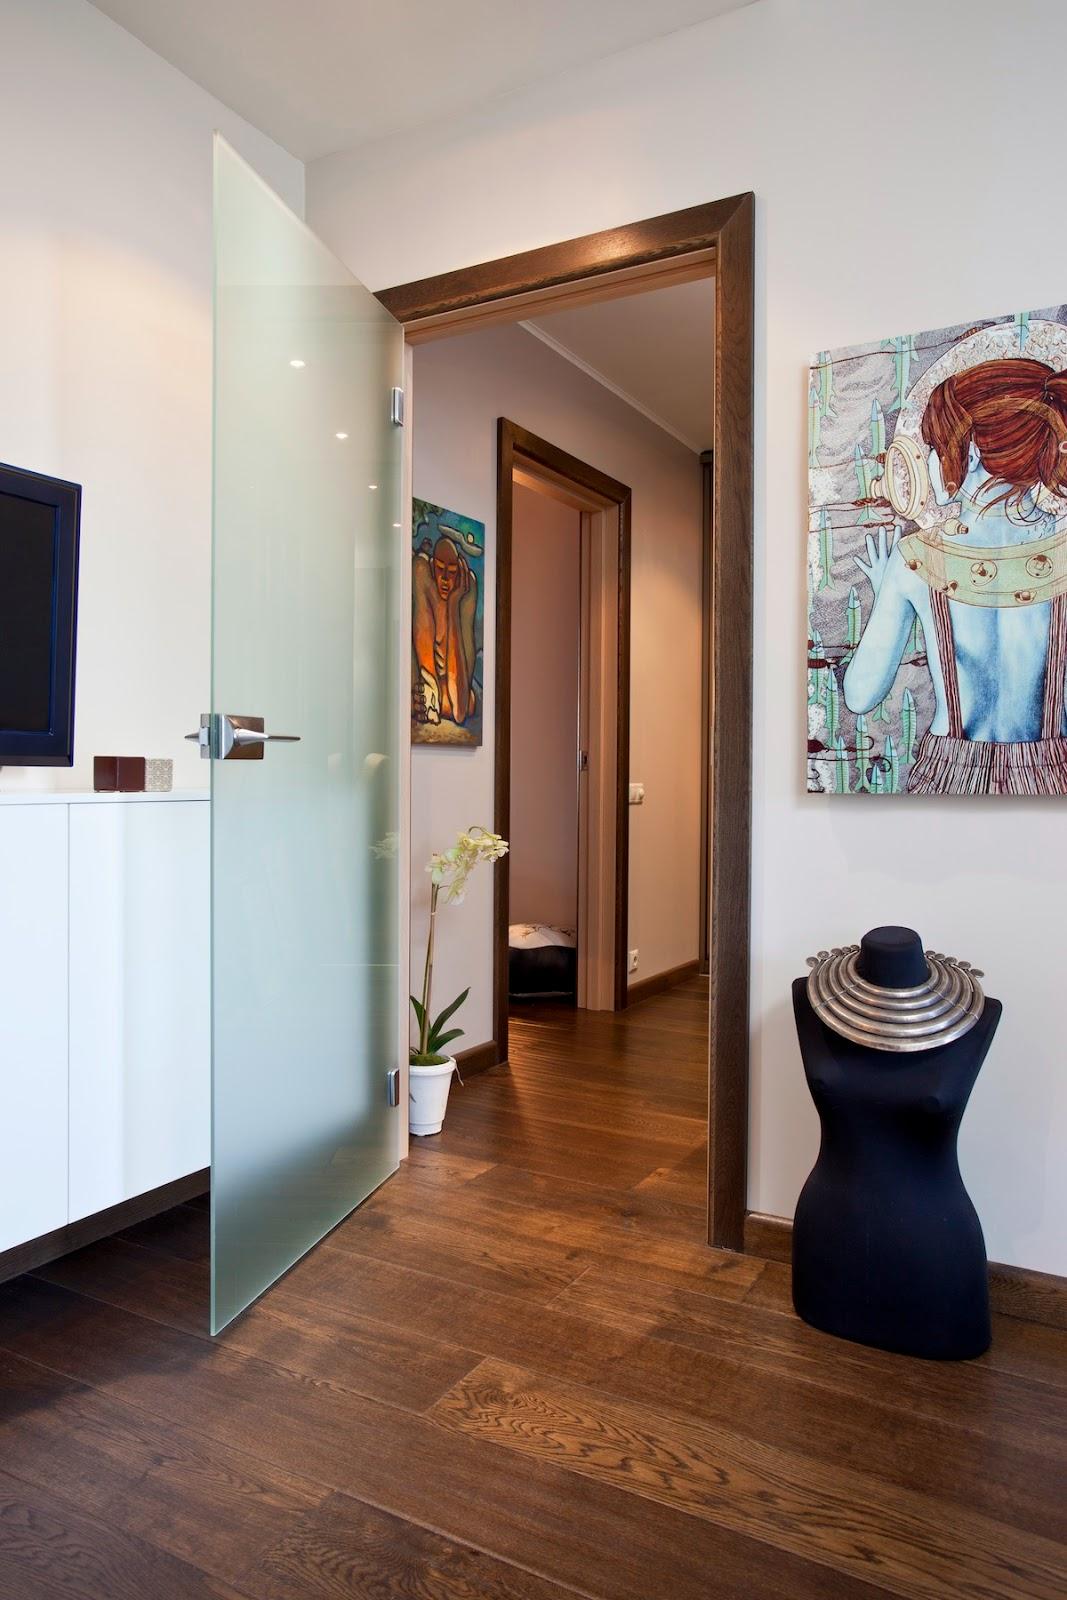 prekrasen-apartament-proektiran-za-biznes-dama-v-rusiq-5g